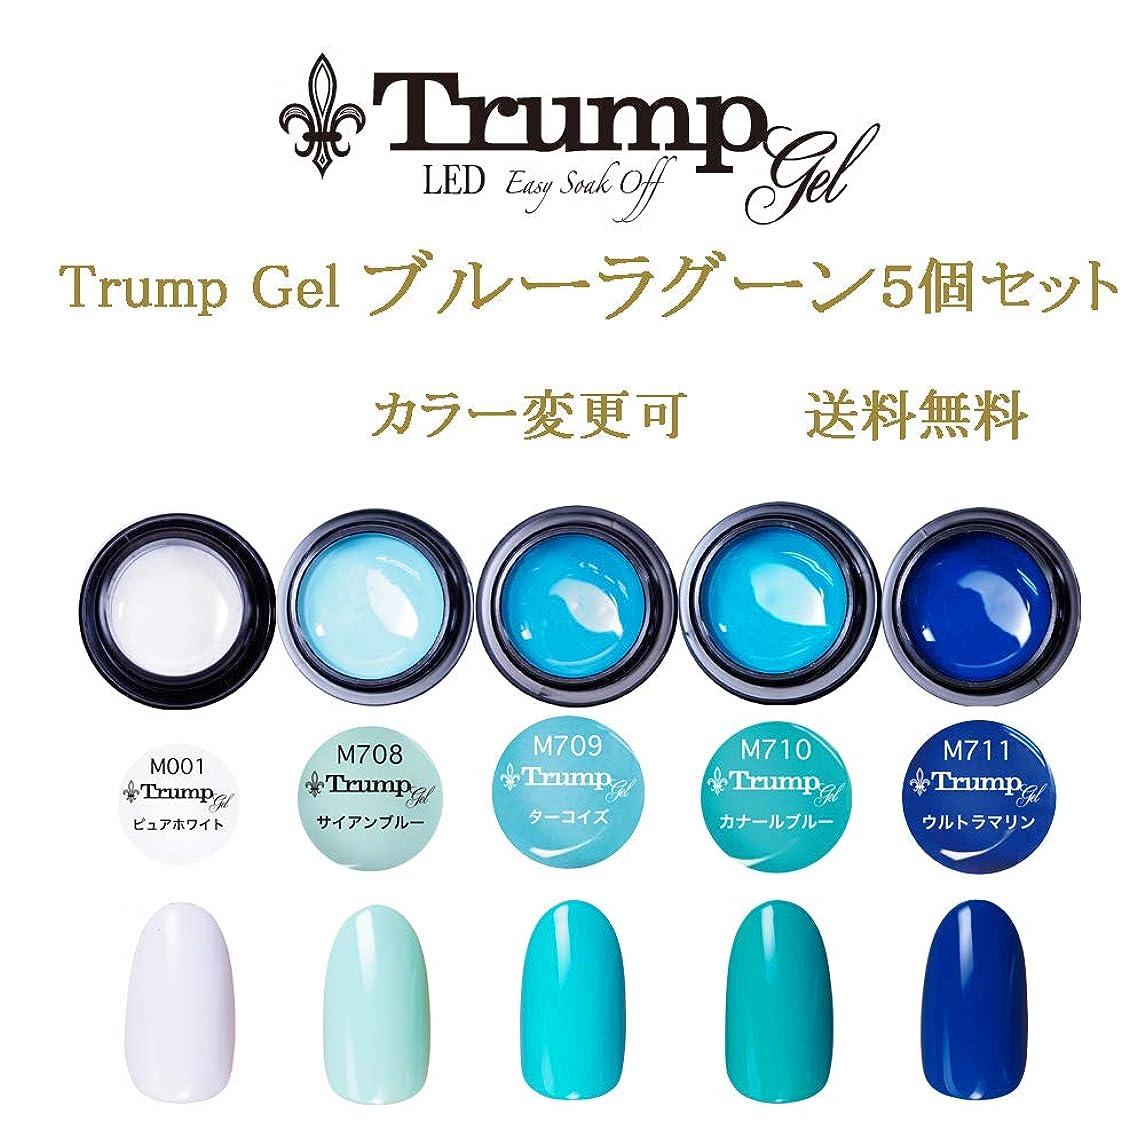 アンプ政治寝室を掃除する日本製 Trump gel トランプジェル ブルーラグーン カラー 選べる カラージェル 5個セット ブルー ターコイズ ホワイト